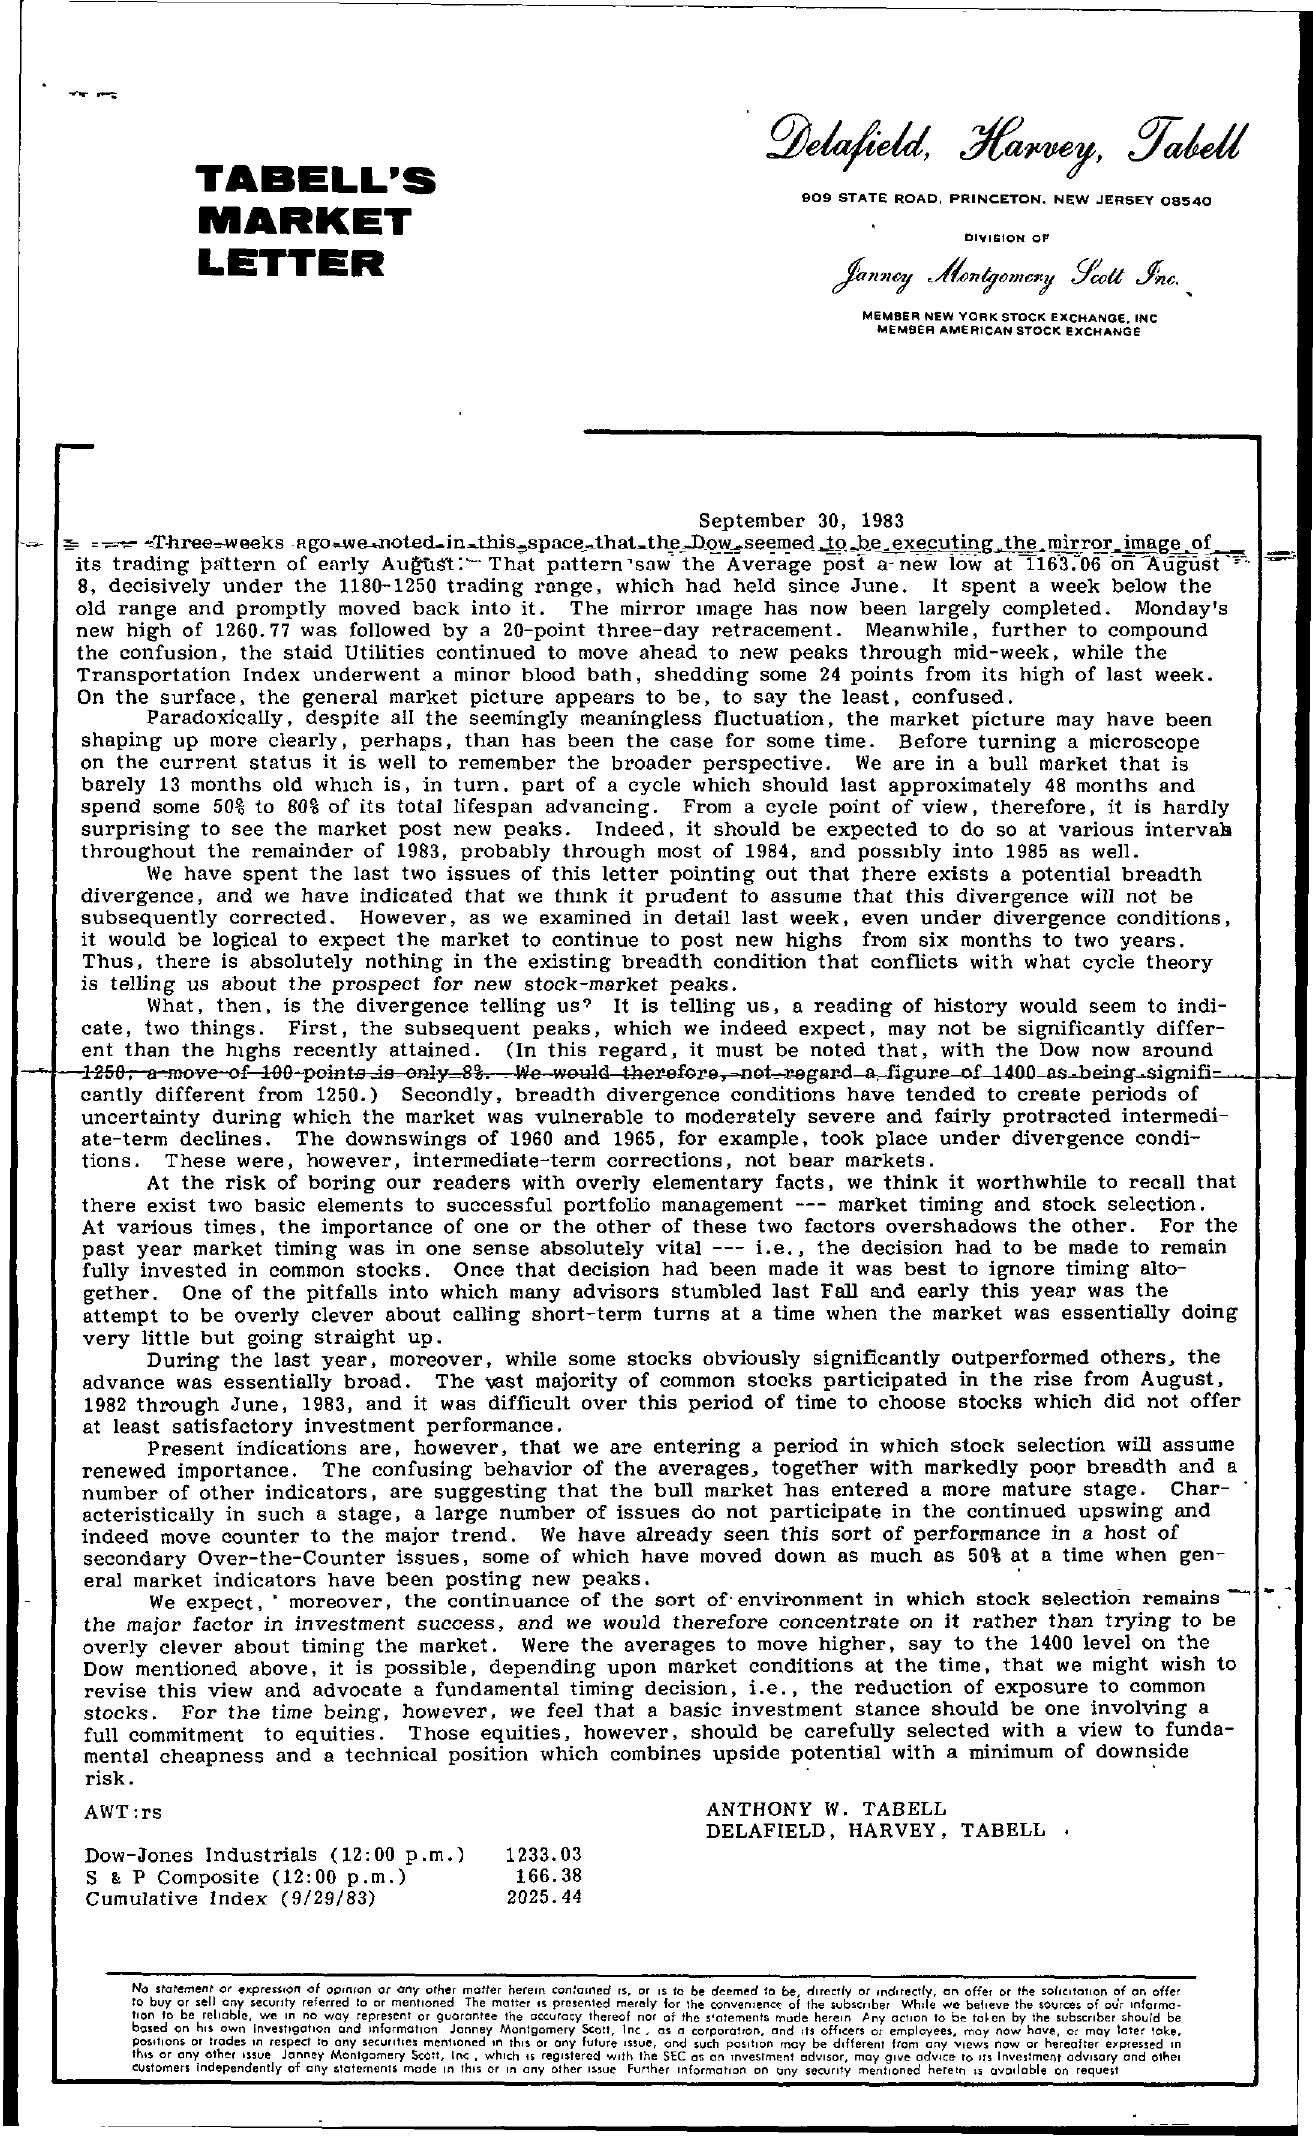 Tabell's Market Letter - September 30, 1983